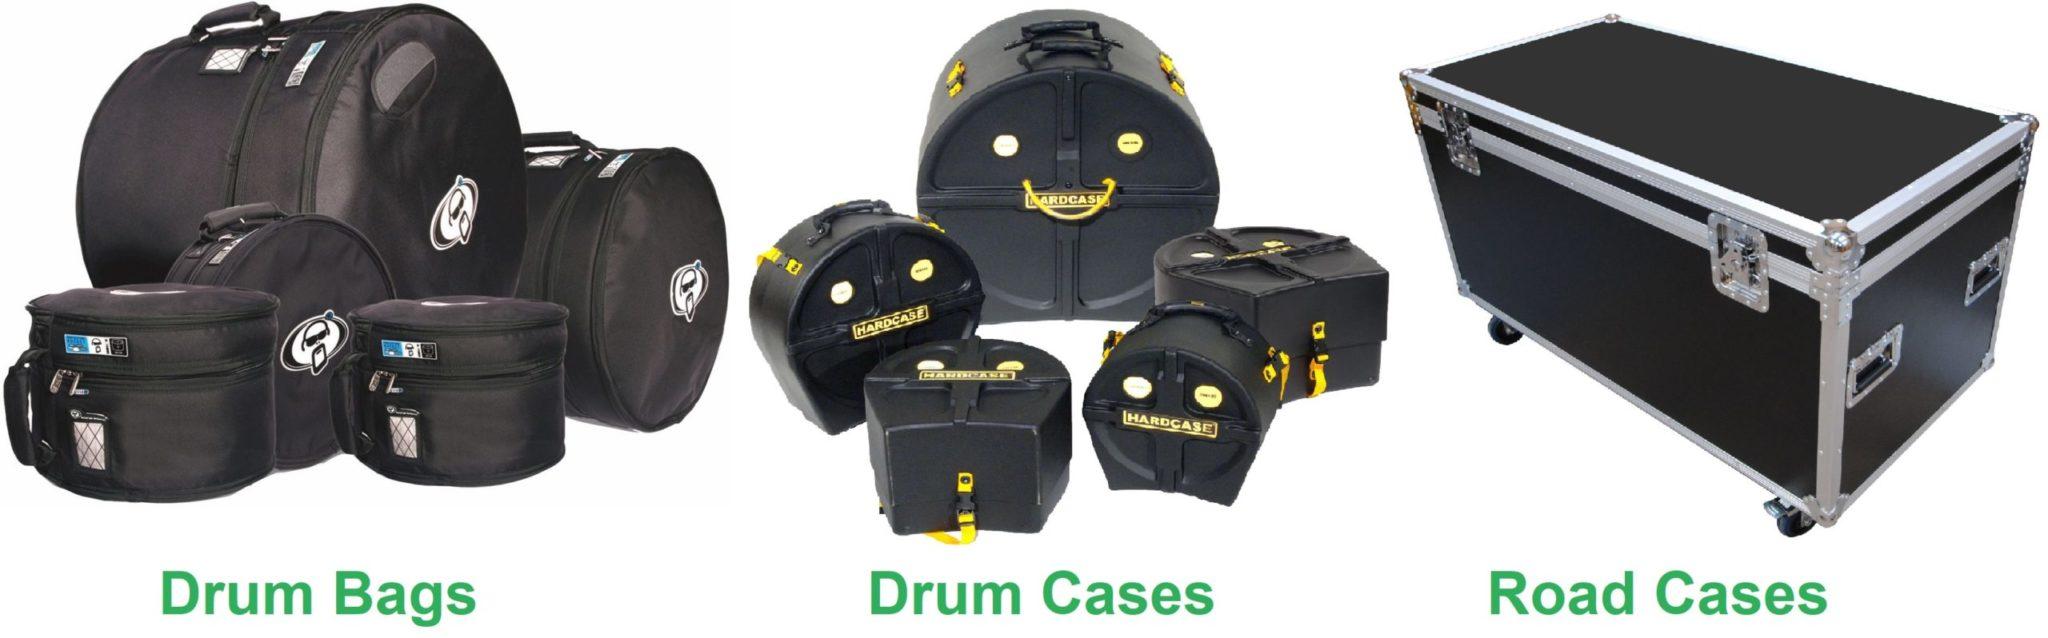 Drum Bags vs Drum Cases vs Road Cases